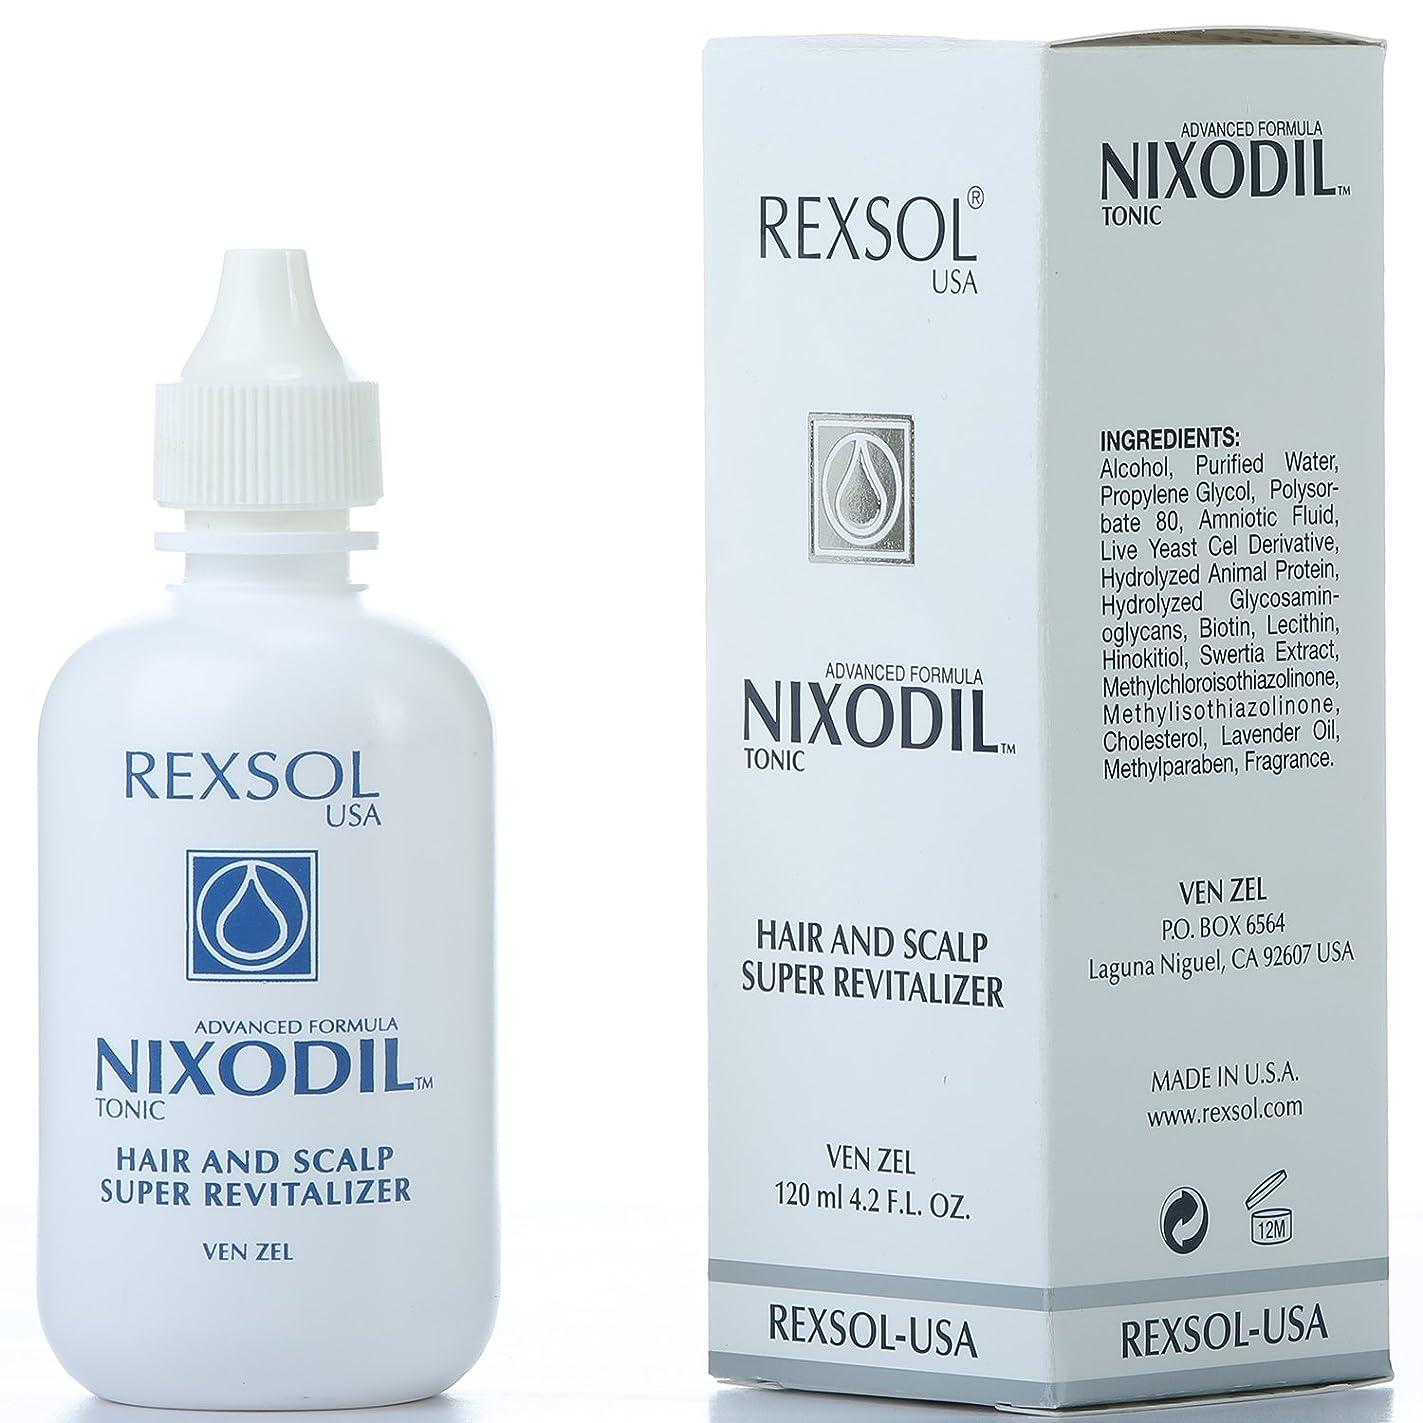 ピンポイント韓国語司法REXSOLニクソディルヘア&スカルプスーパーリバイタライザー| ライブ酵母細胞誘導体、ビオチン、レシチン、Swertia Extract&ラベンダーオイル| 毛の損失と刺激的な成長を防ぎます(120 ml / 4.2 fl oz)